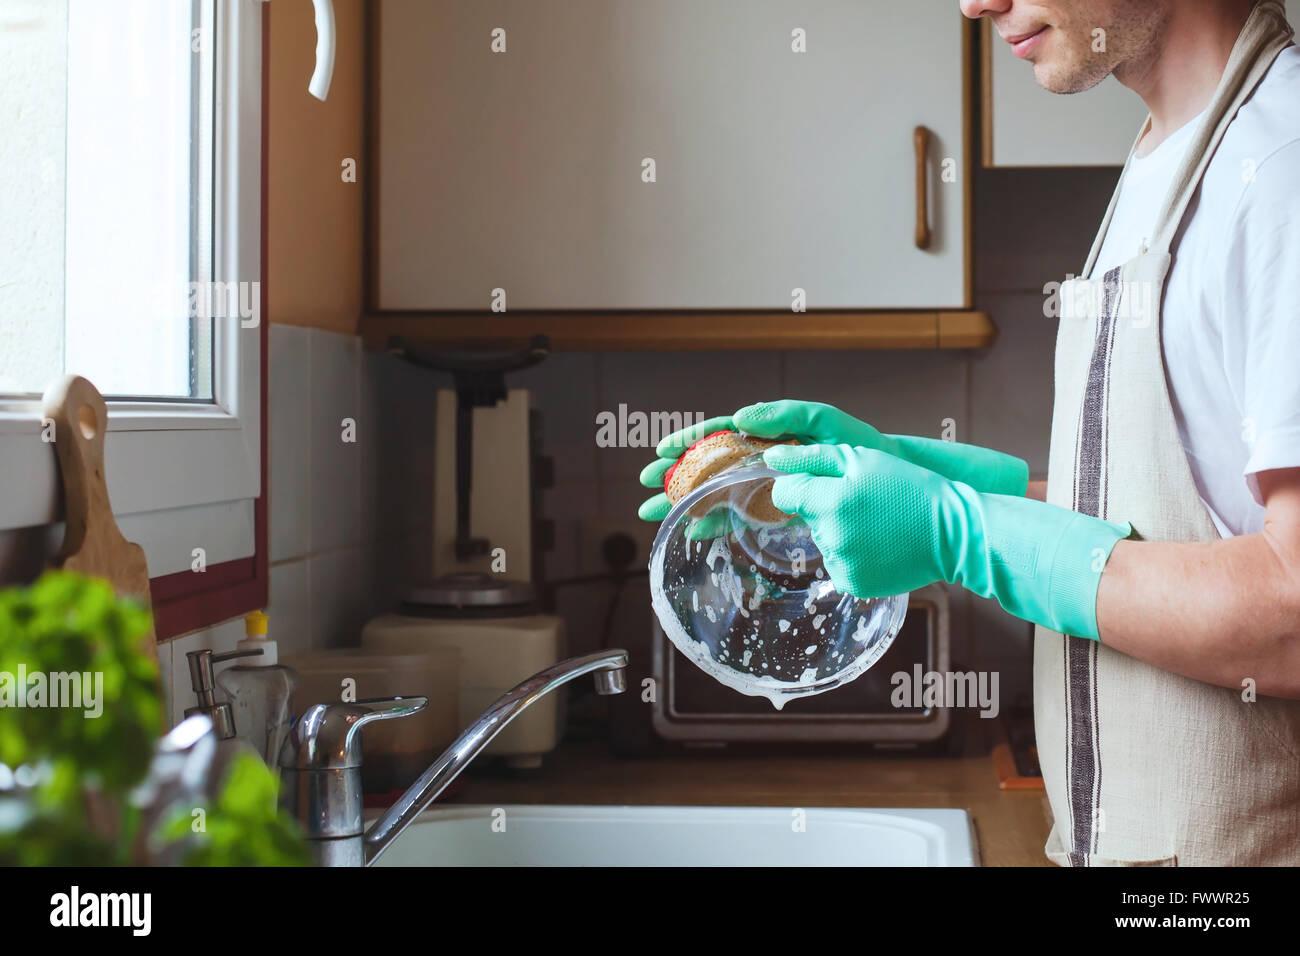 L'homme lave la vaisselle dans l'évier de cuisine à la maison, près des mains avec du savon Photo Stock